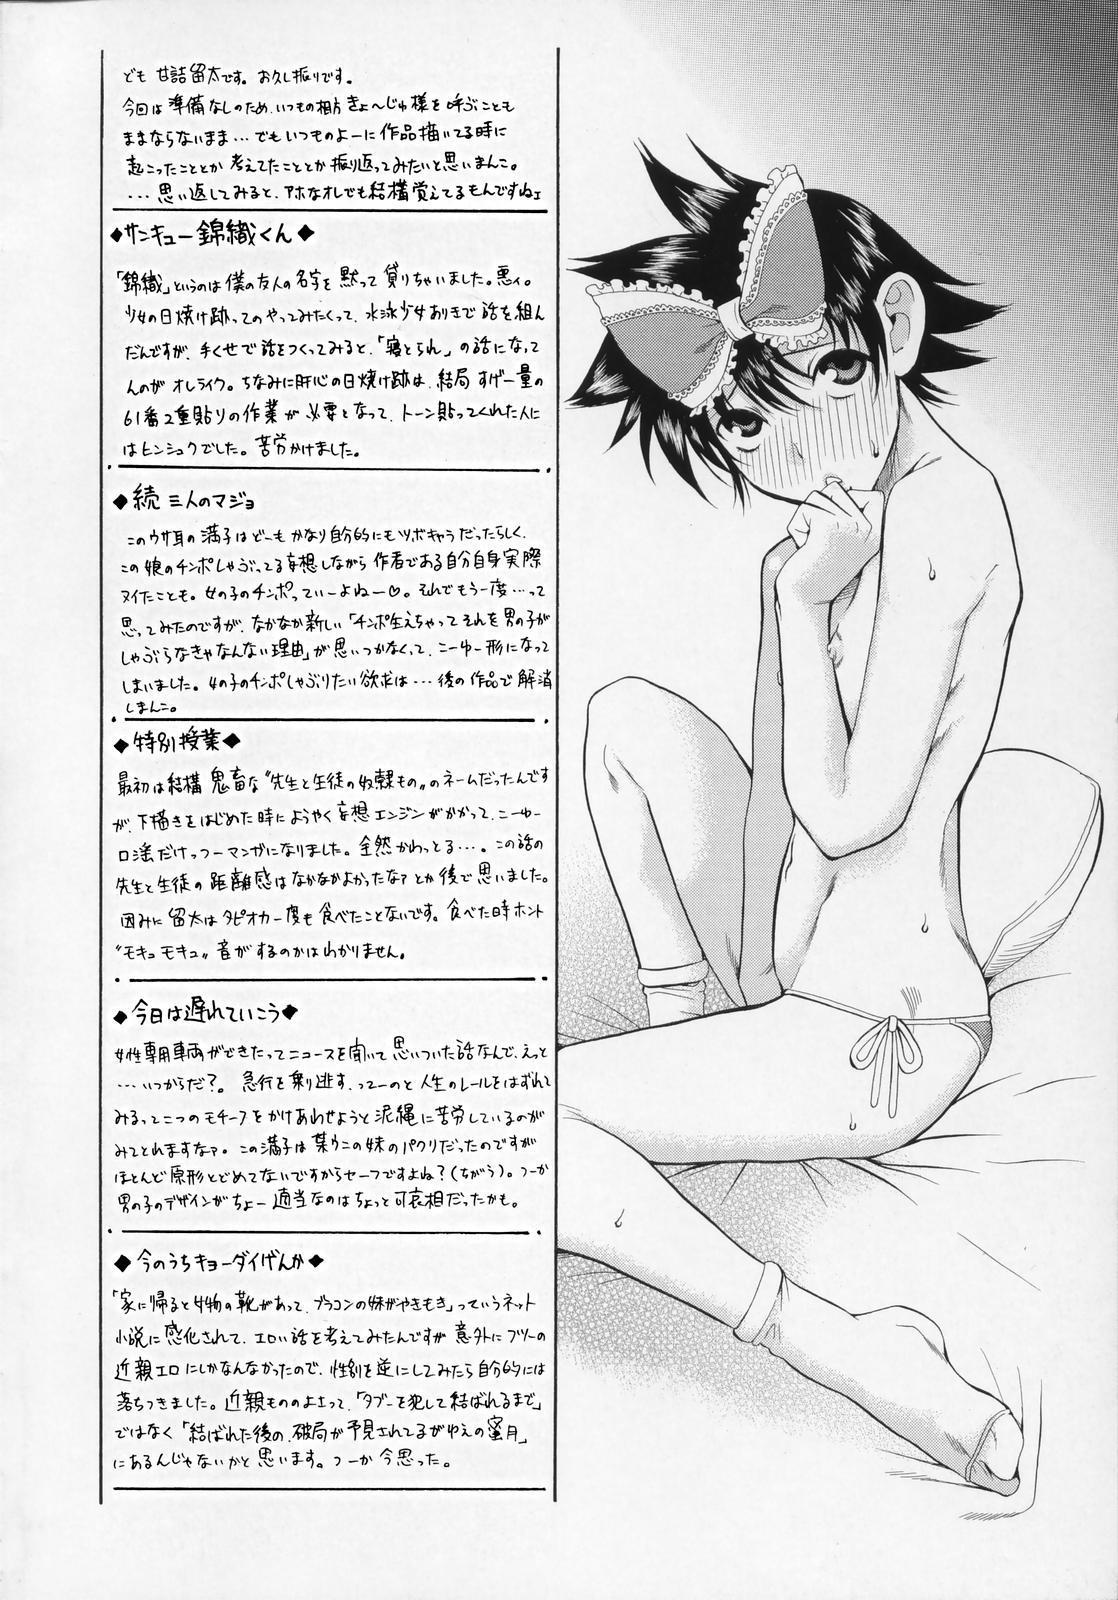 Kimochi Ii Koto - A Pleasant Thing Ch. 1, 6 5